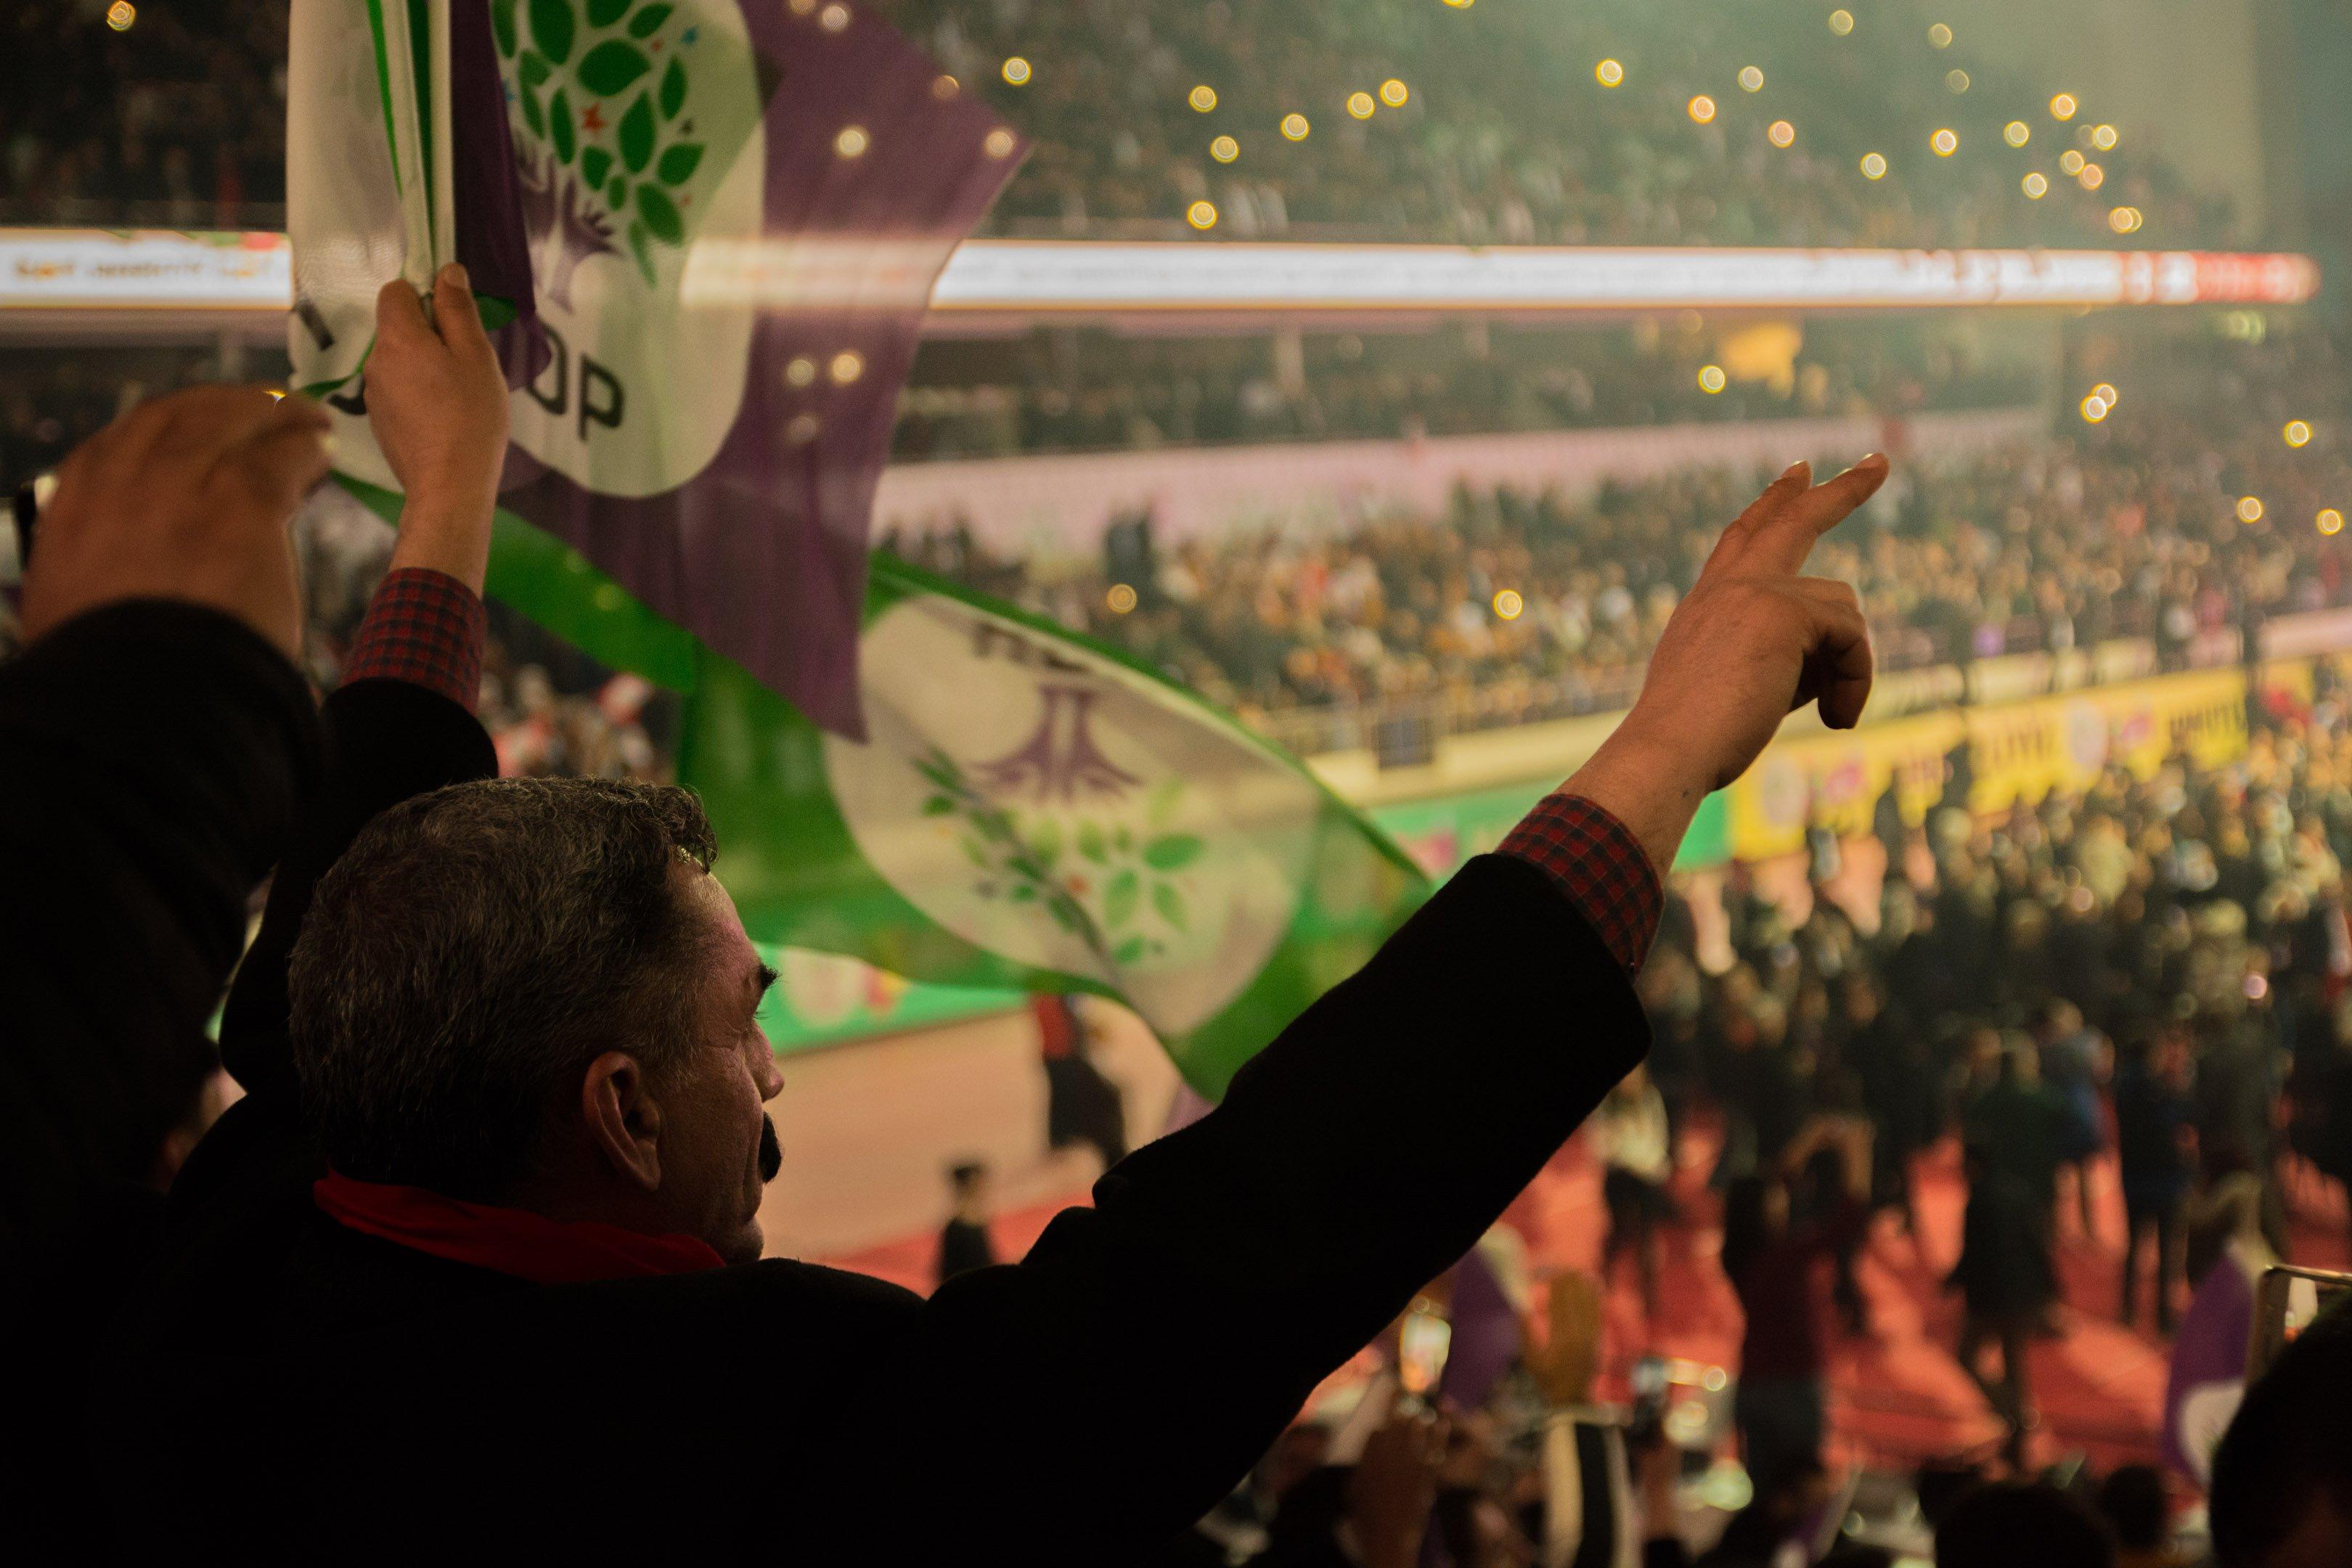 partit kurd hdp - albert naya